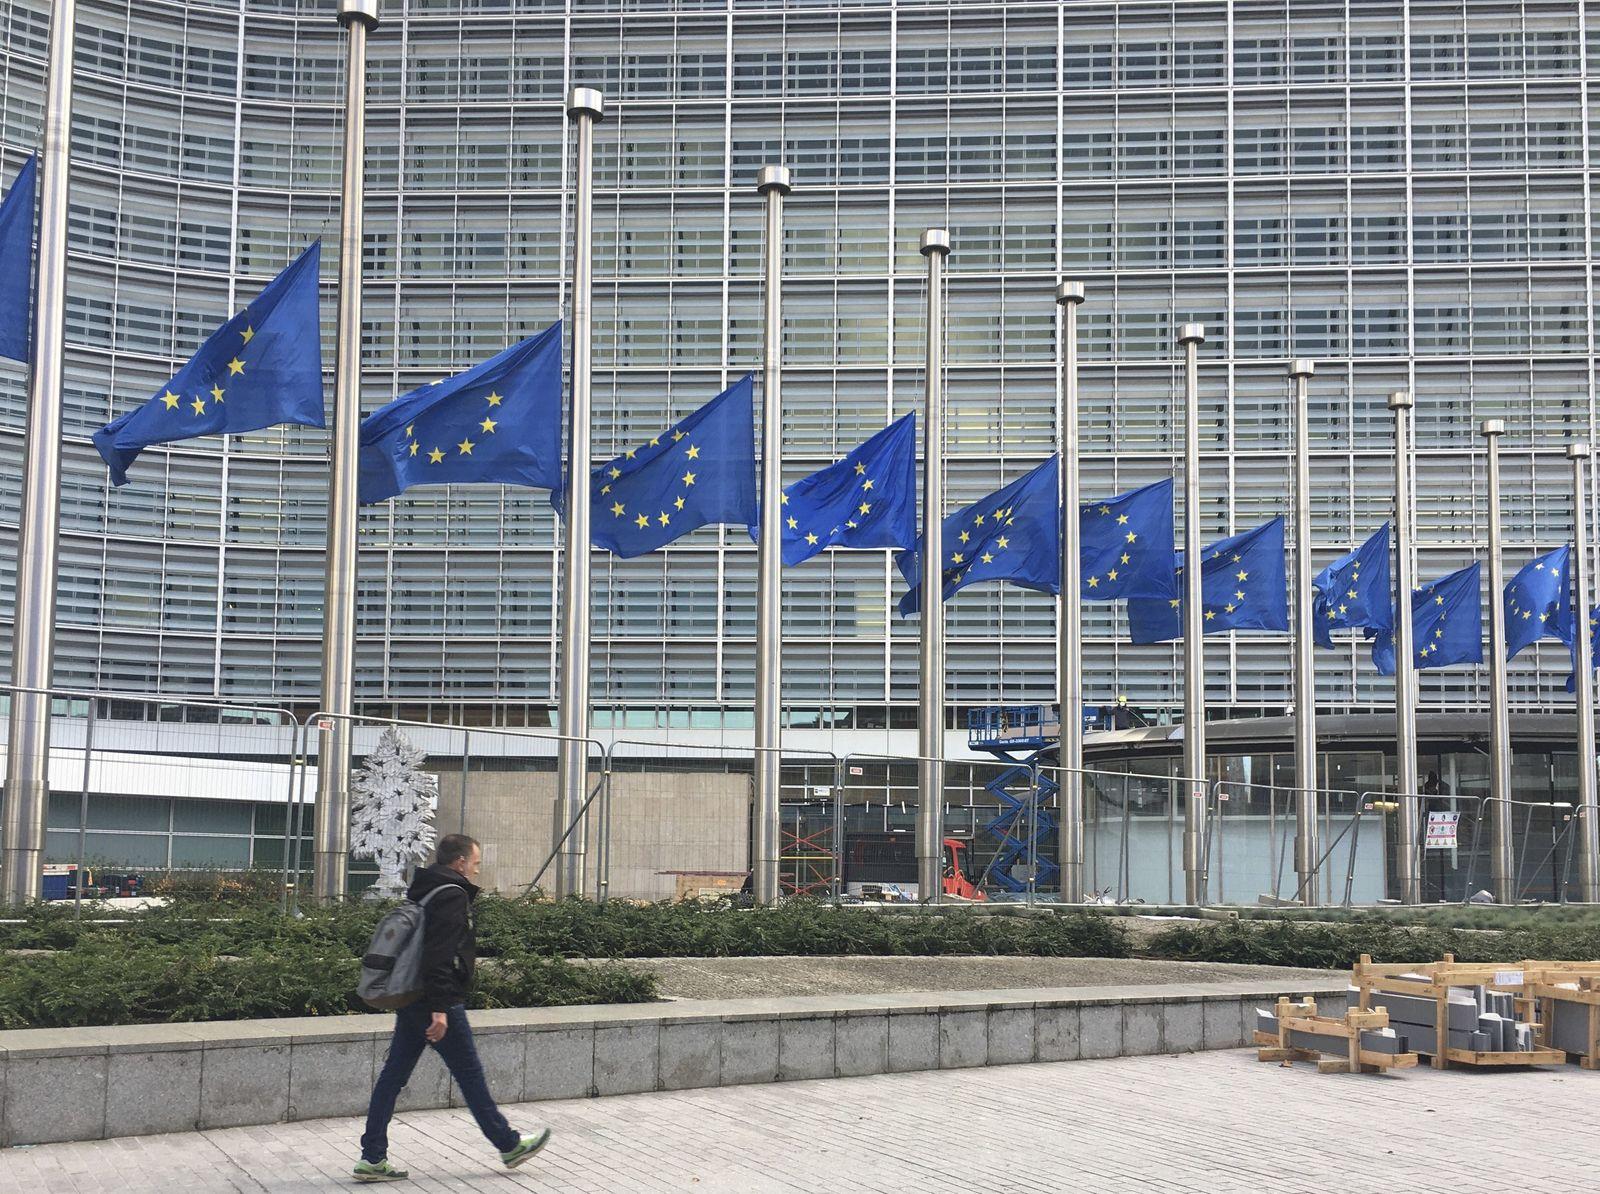 Nach dem Terrorangriff in Wien - Brüssel